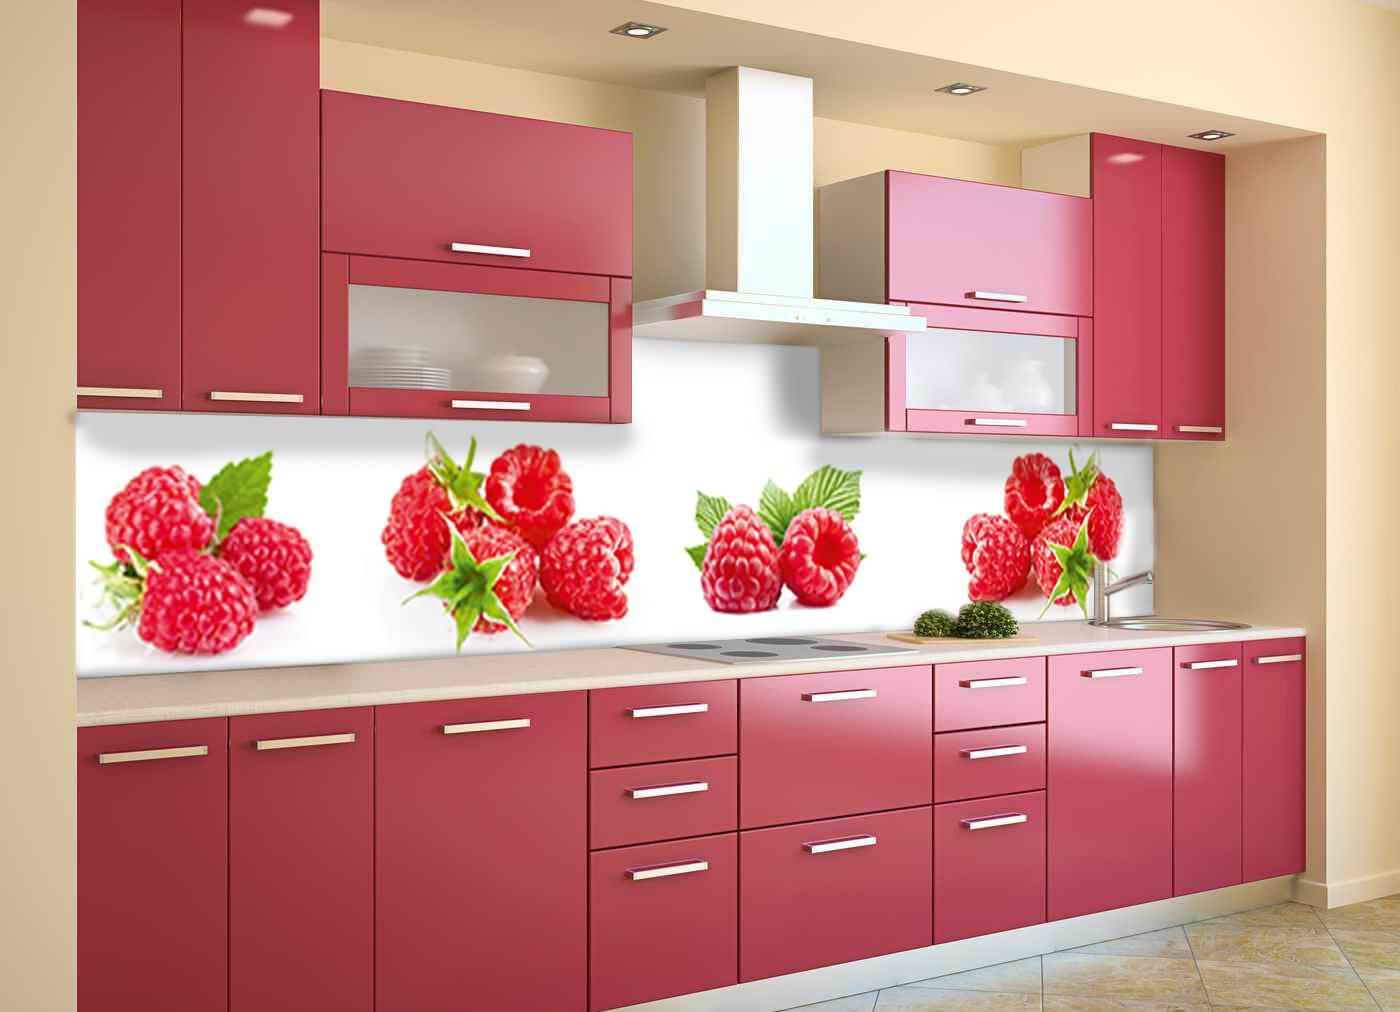 пластиковый фартук с ягодами на кухне